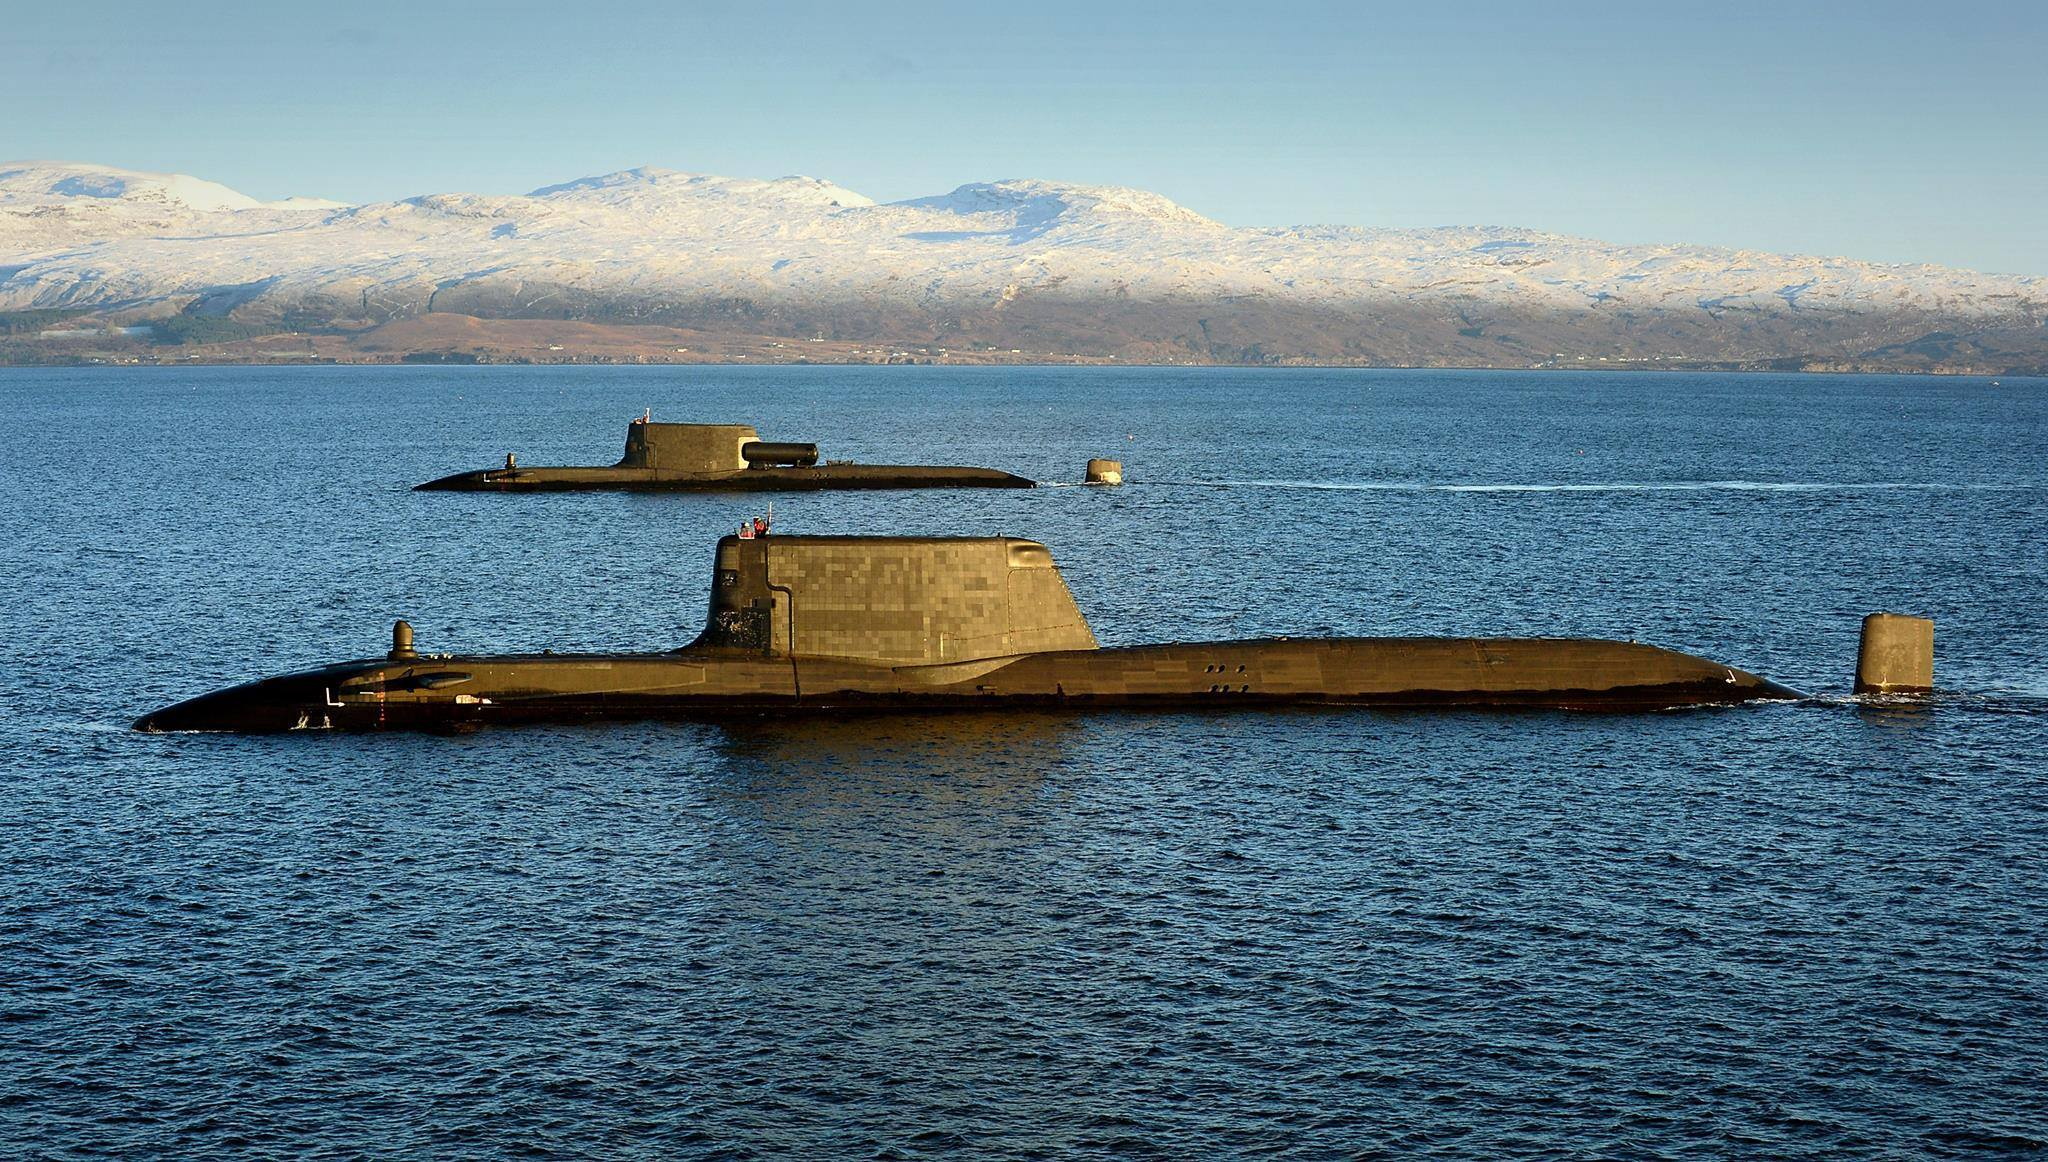 astute-class submarine hd wallpaper | hintergrund